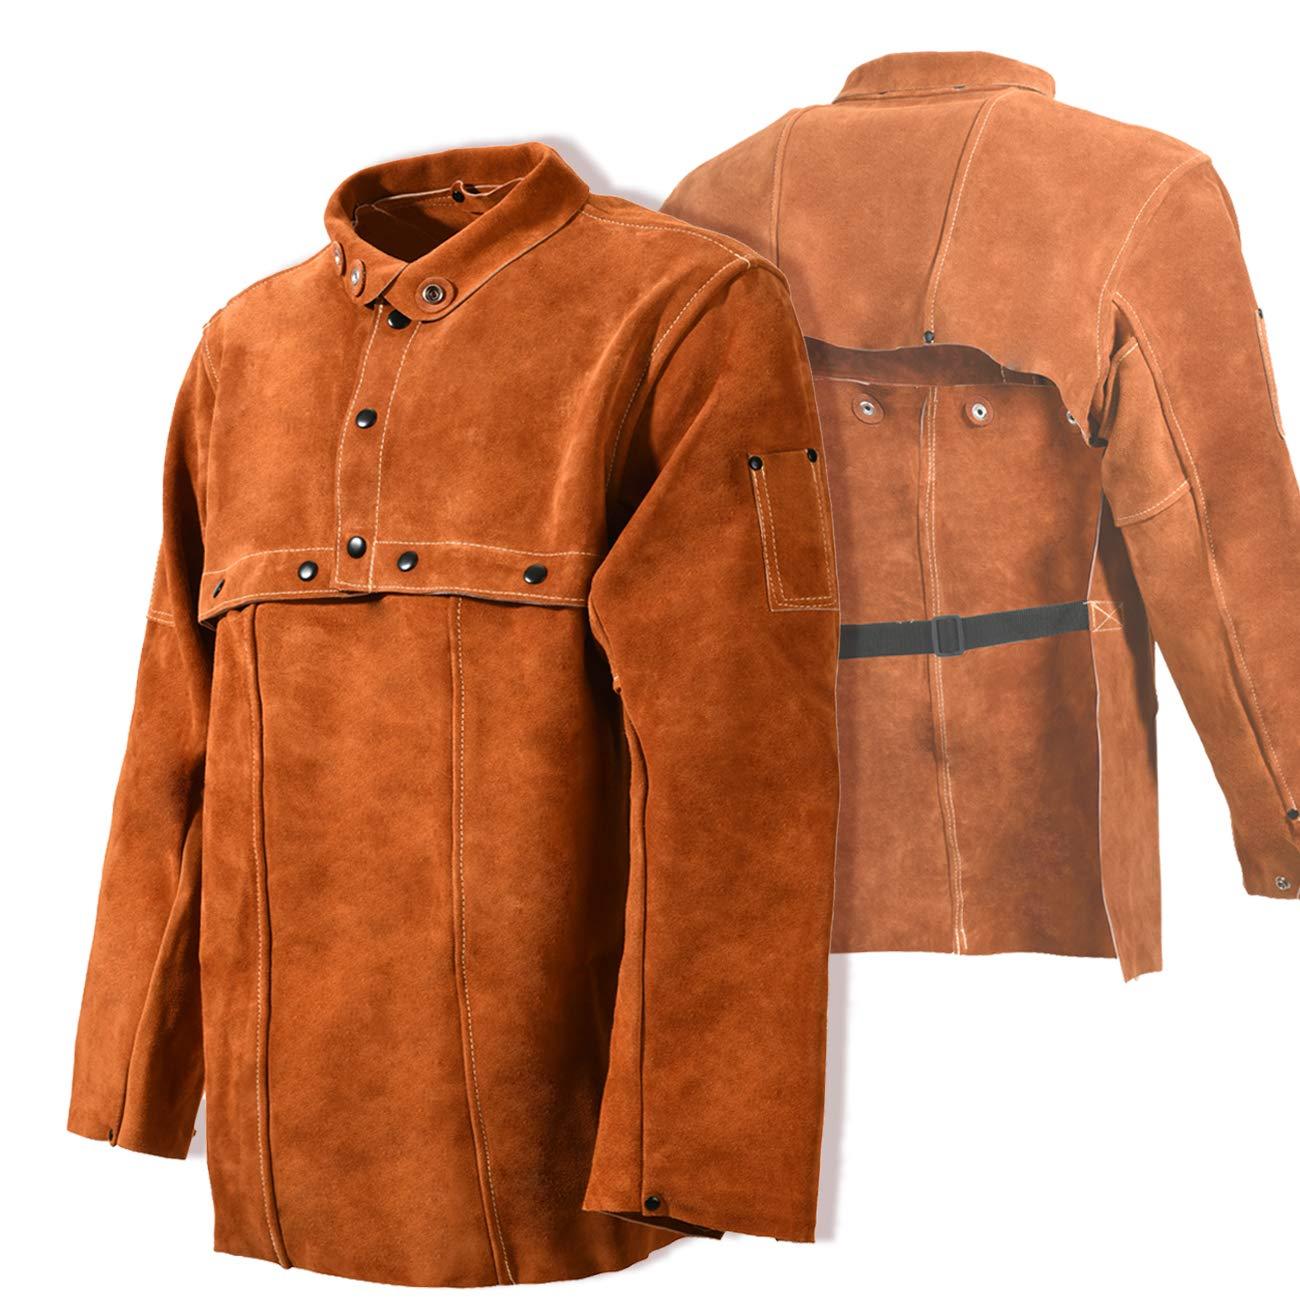 Leaseek Leather Welding Jacket - Heavy Duty Welding Apron with Sleeve (Large) by LeaSeeK